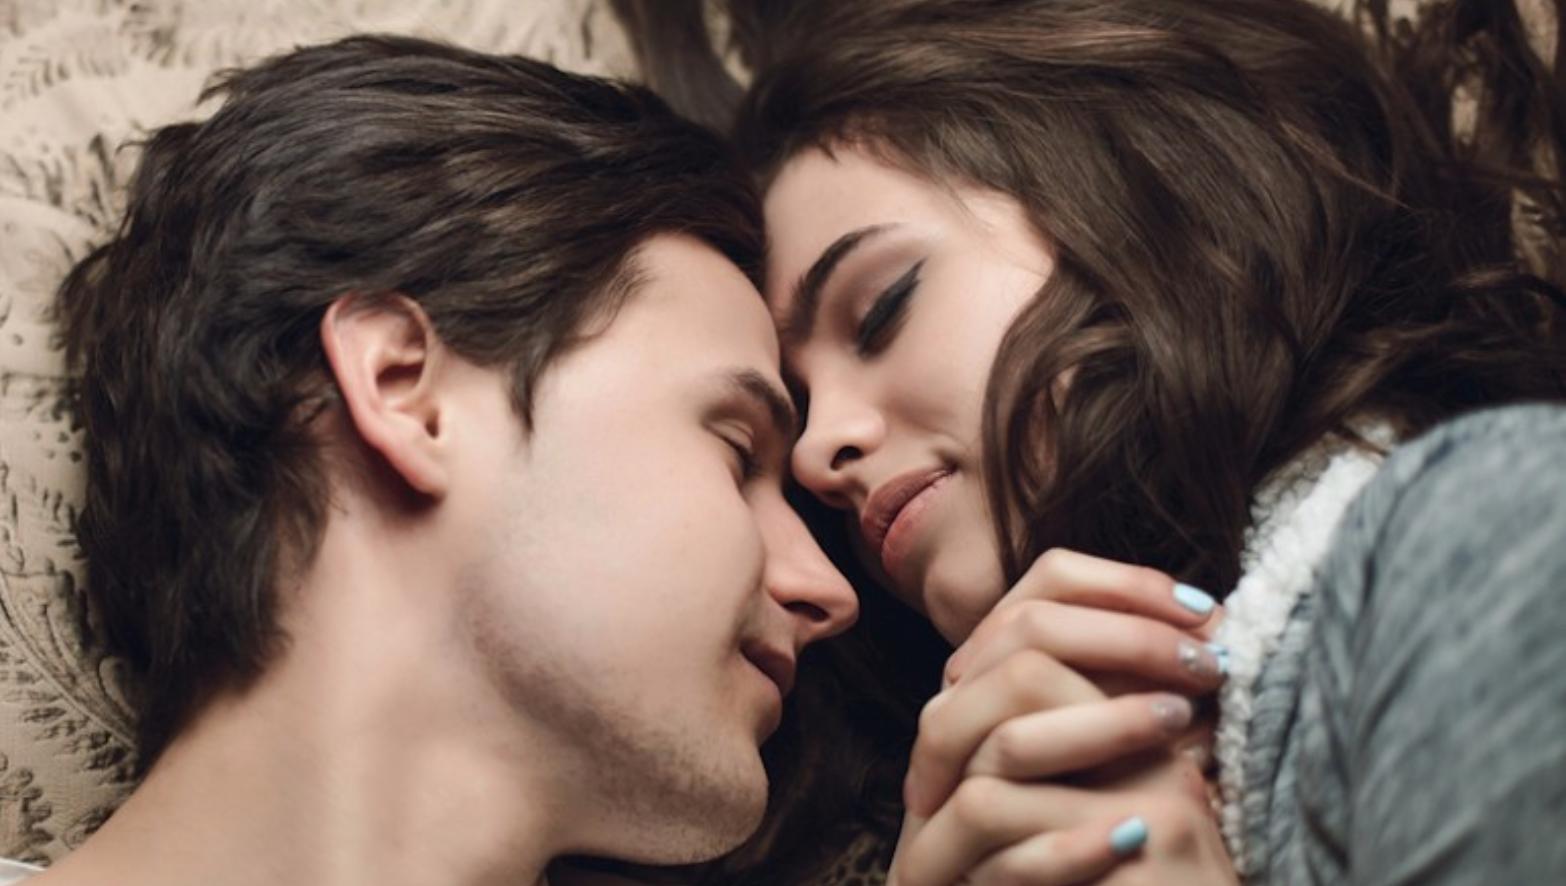 Neki doktori će reći da je skroz ok nastaviti sa seksualni odnosima, dok će neki biti protiv toga. Najbolje je da se posavetujuete sa svojim ginekologom.